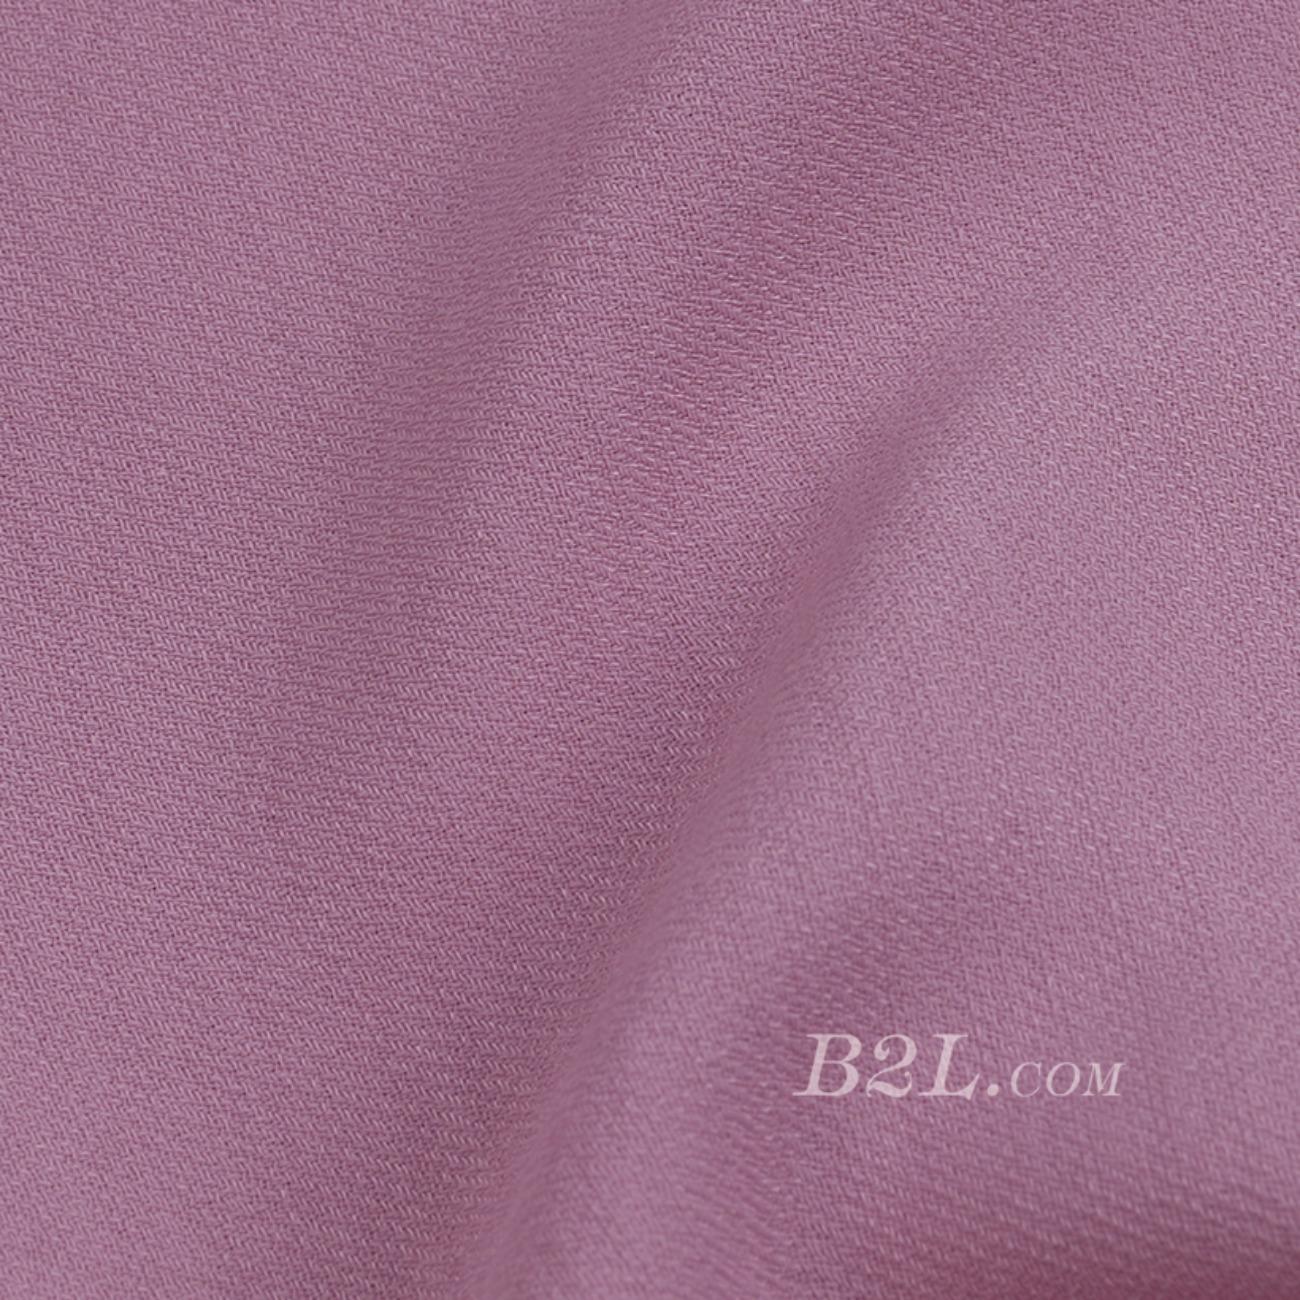 麻料 平纹梭织素色染色连衣裙 短裙 衬衫 无弹 春 秋 柔软 薄 70703-13